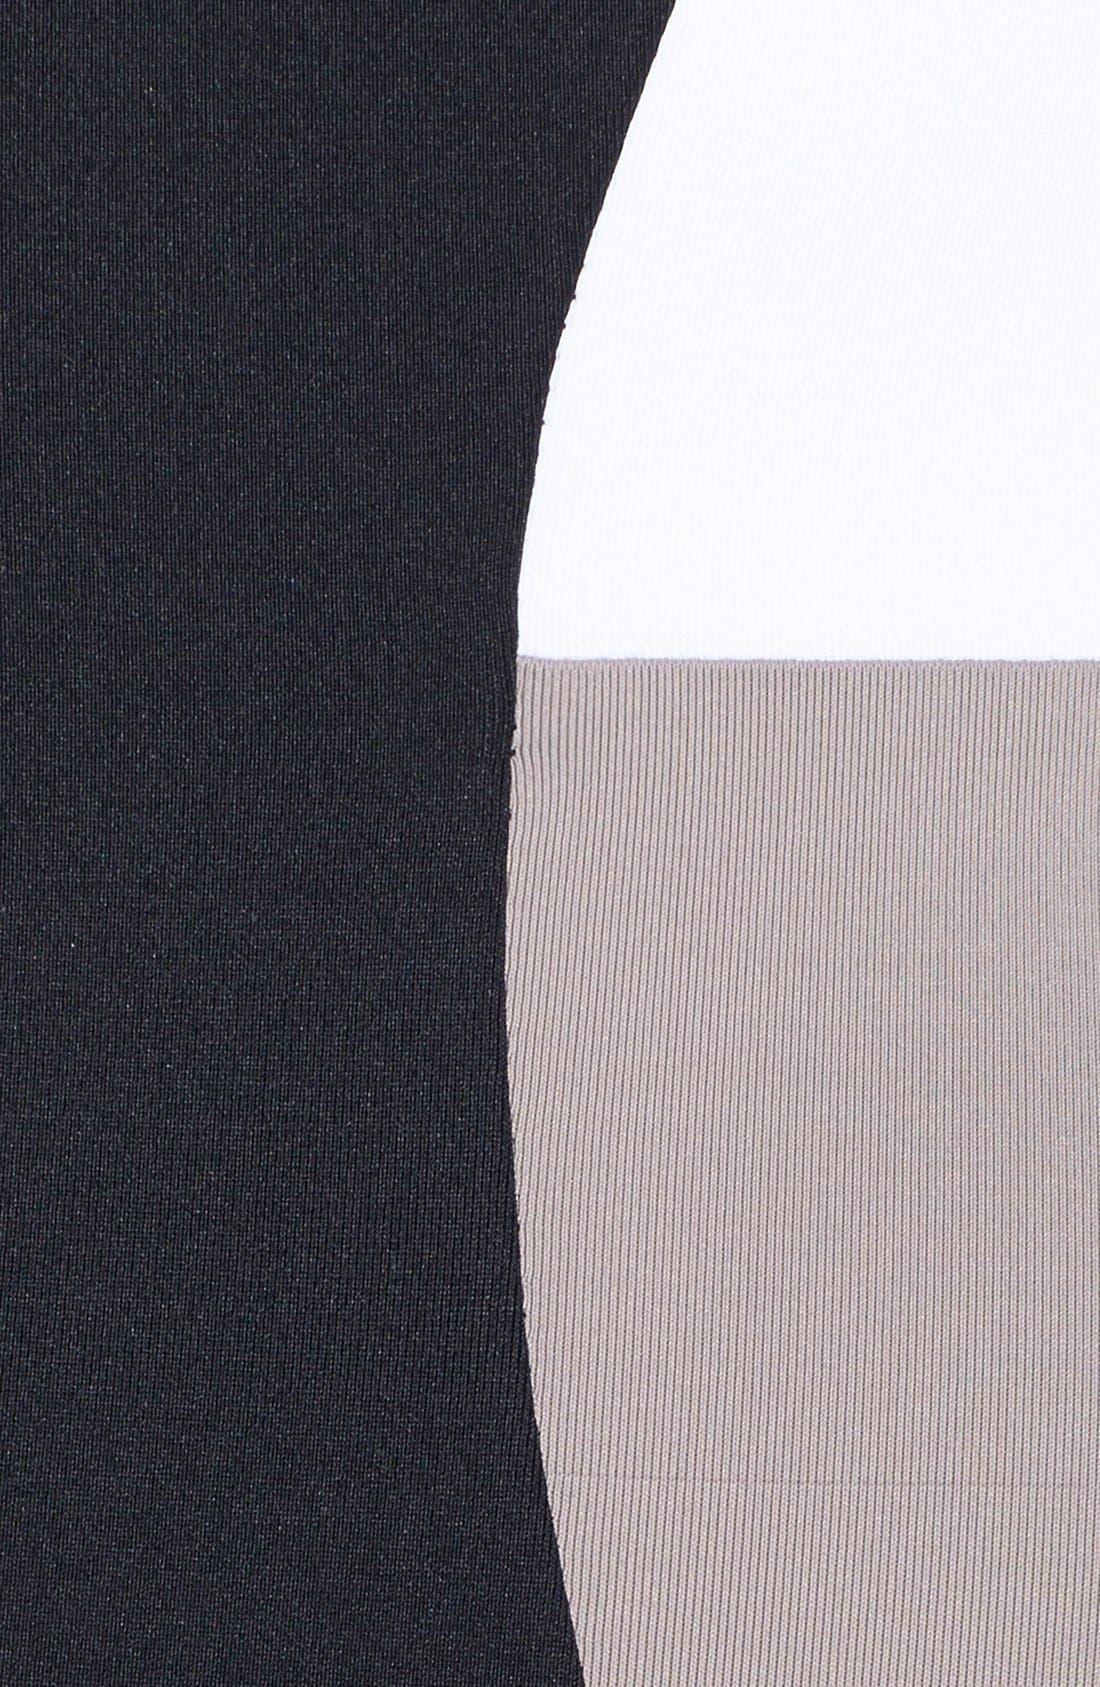 Colorblock Bandeau Swimsuit,                             Alternate thumbnail 3, color,                             001